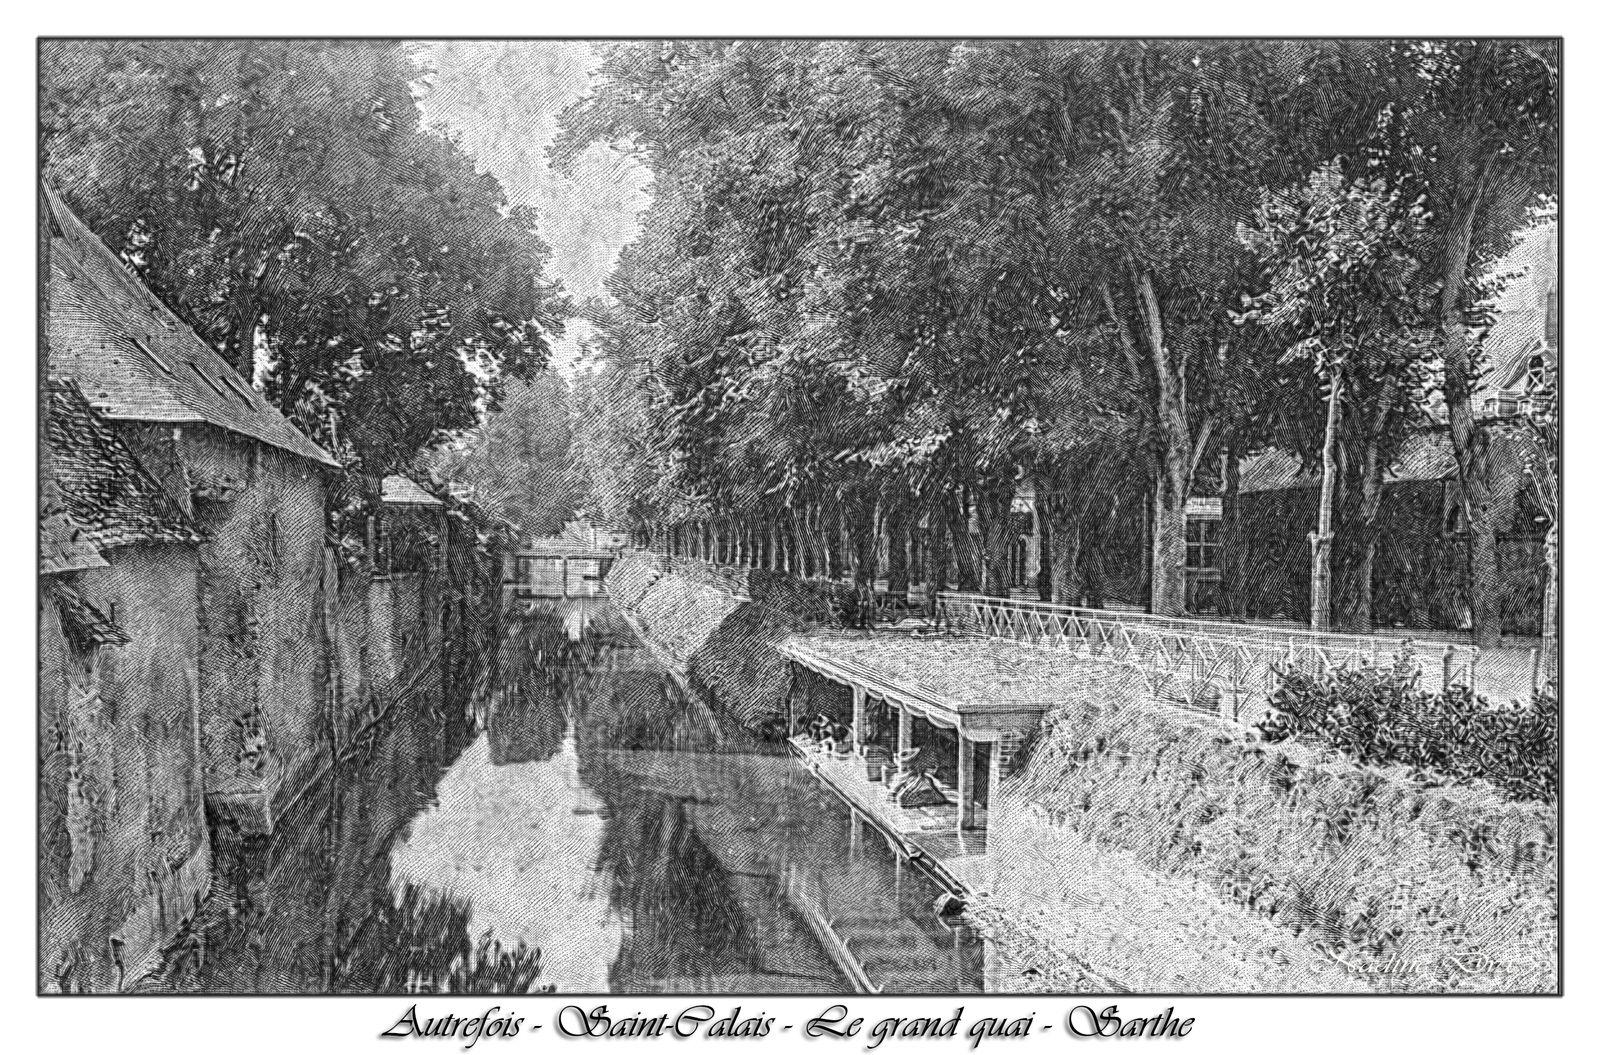 Saint-Calais - Lavoir au bord de l'Anille - Sarthe